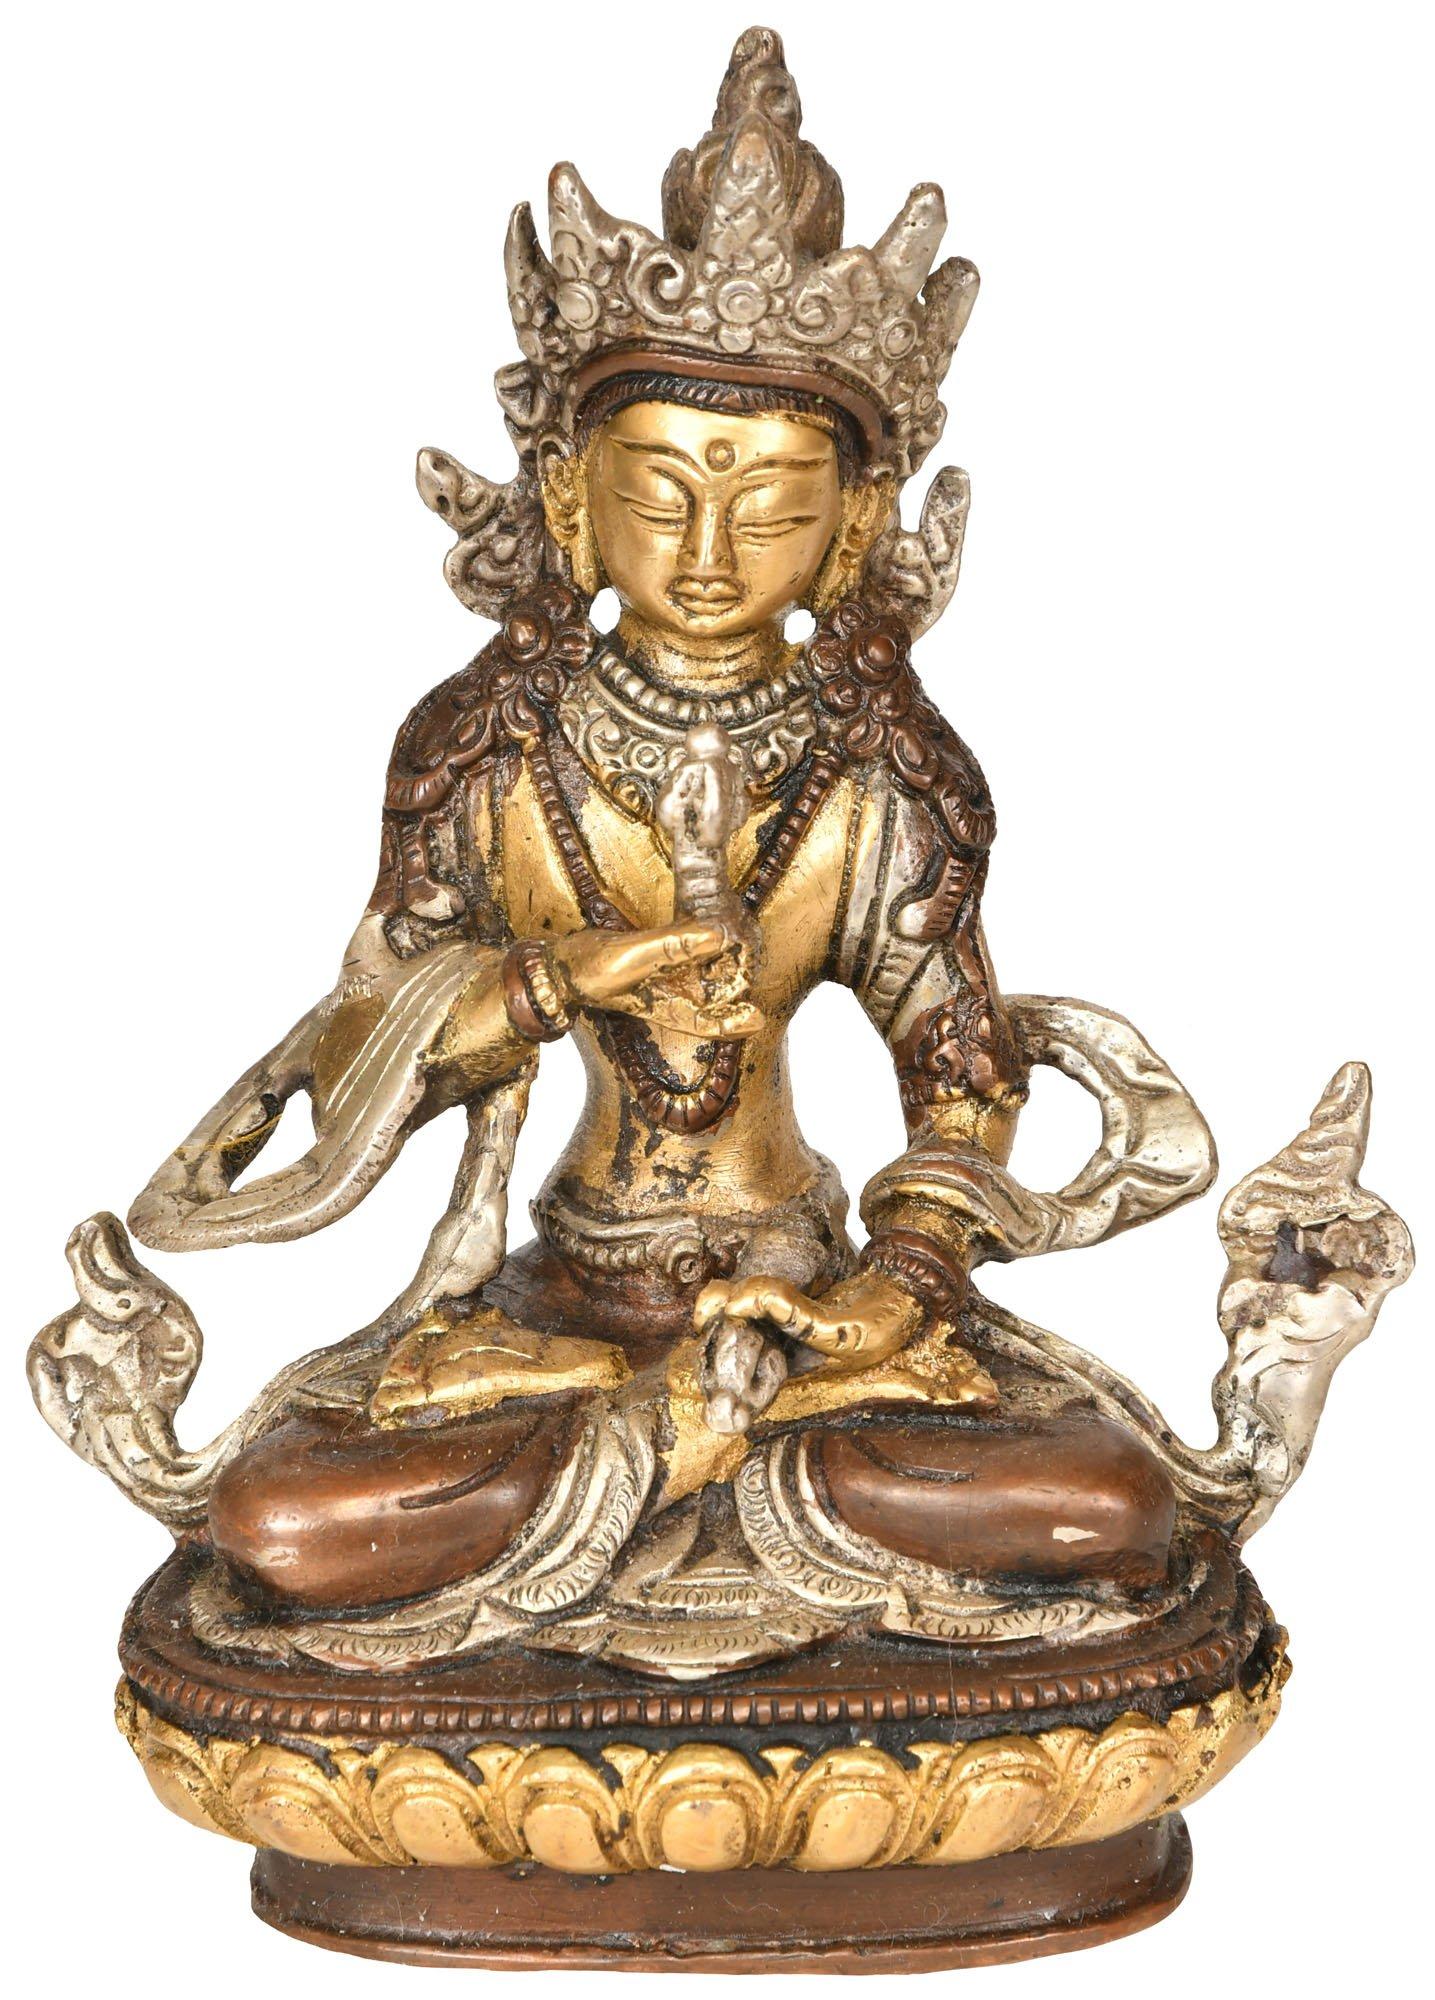 Adi-Buddha Vajrasattva (Tibetan Buddhist Deity) - Brass Statue